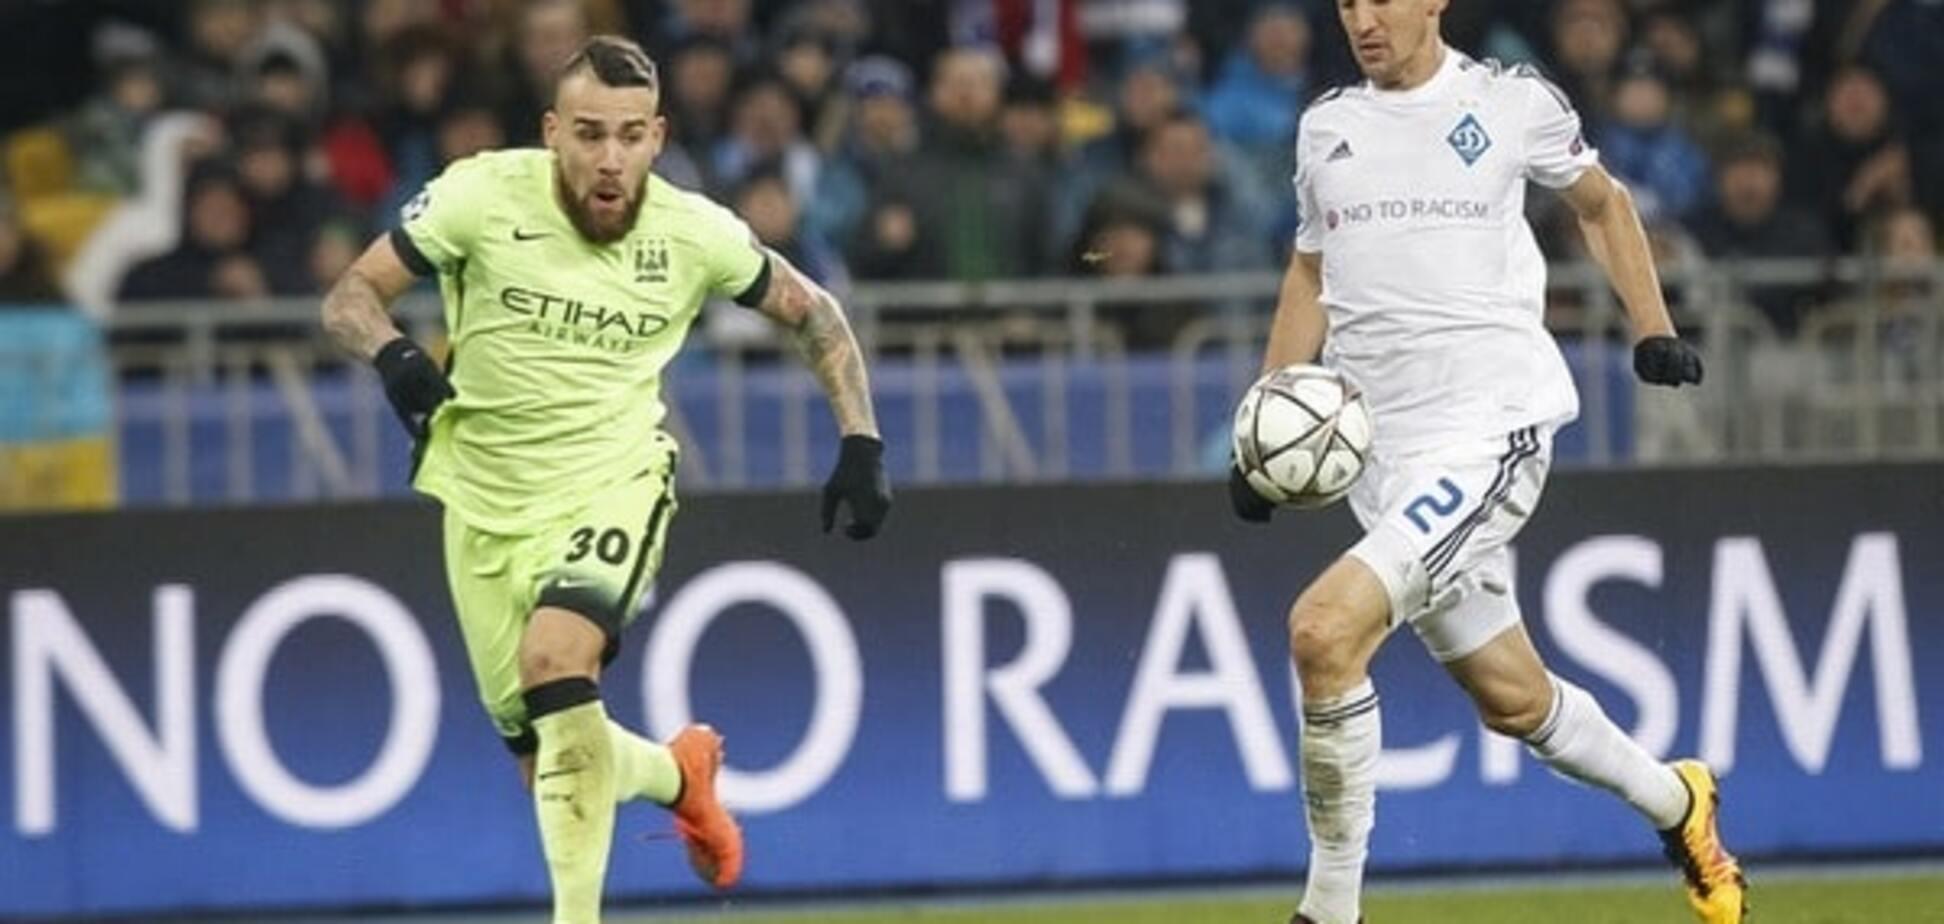 'Із великим набряком': 'Динамо' втратило ключового гравця перед матчем із 'Наполі'